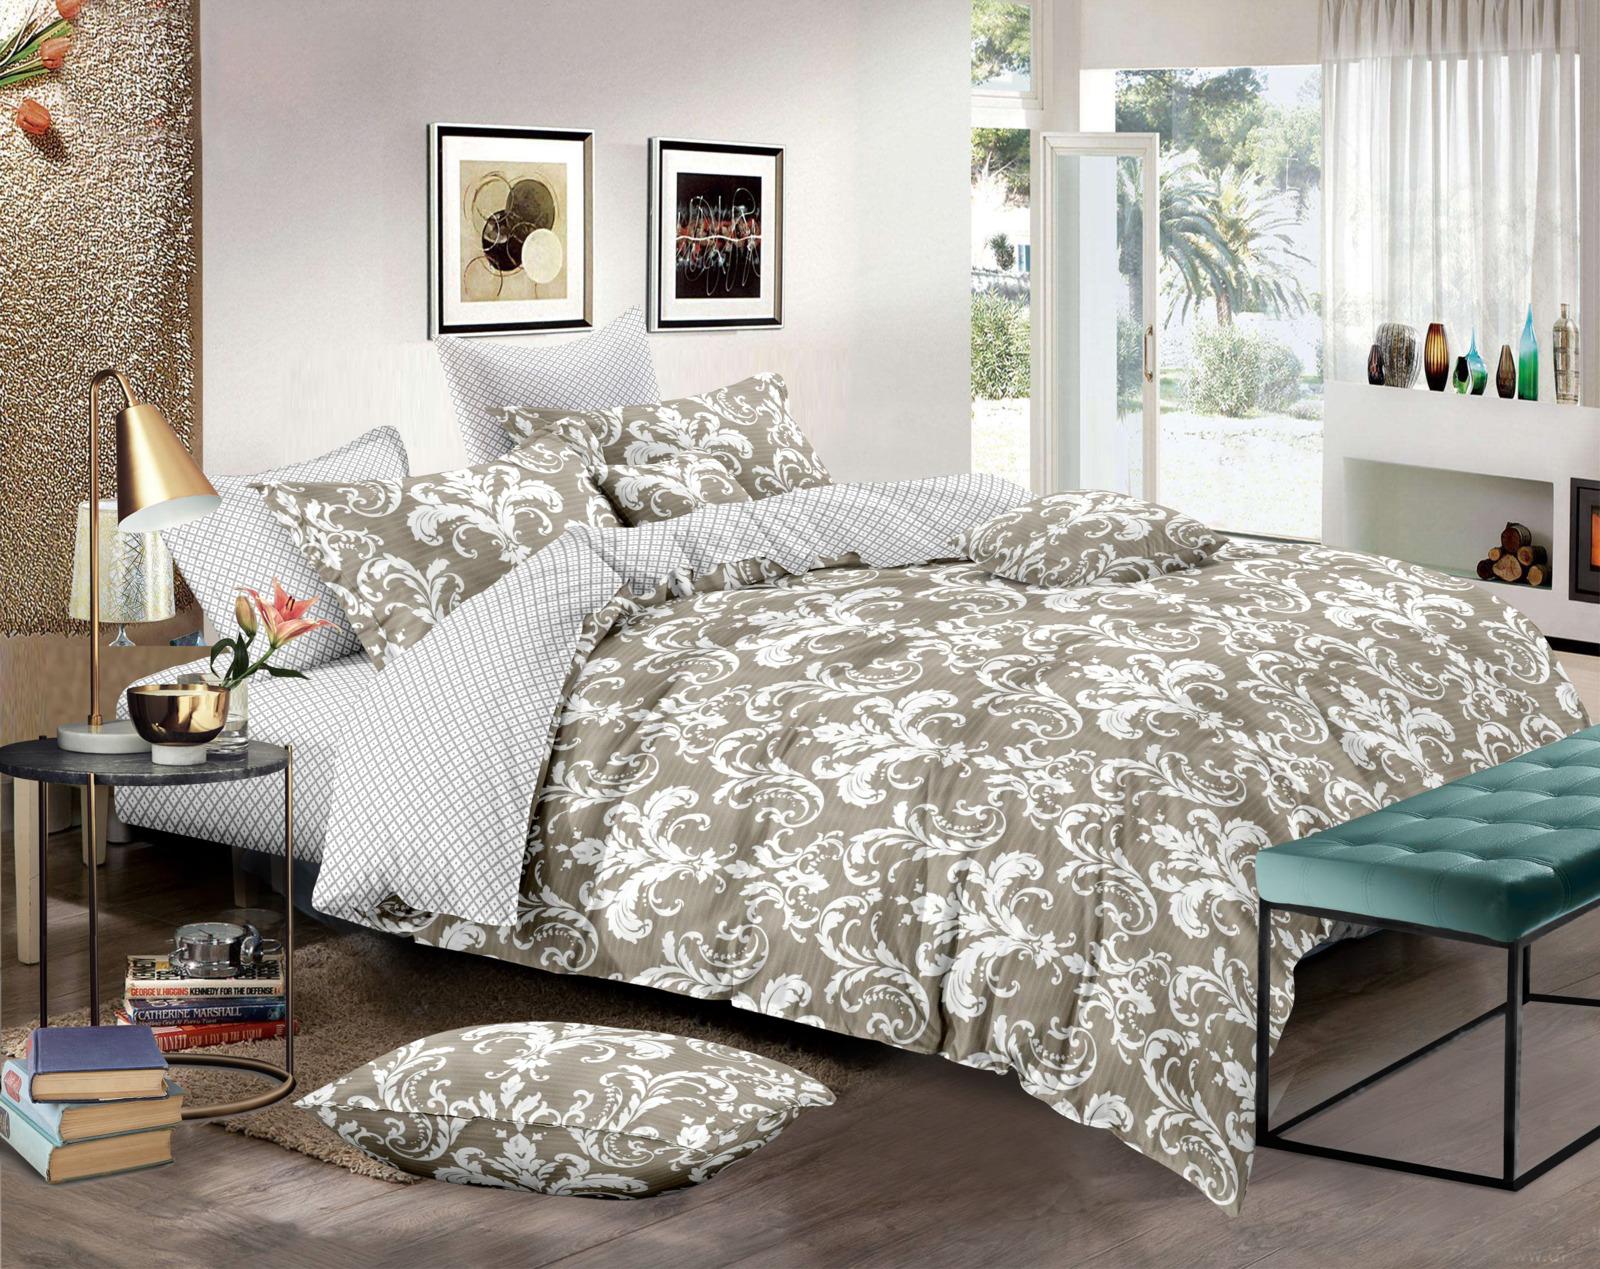 Комплект постельного белья Amore Mio Gold Bonnie, 7834, бежевый, 1,5-спальный, наволочки 70x70